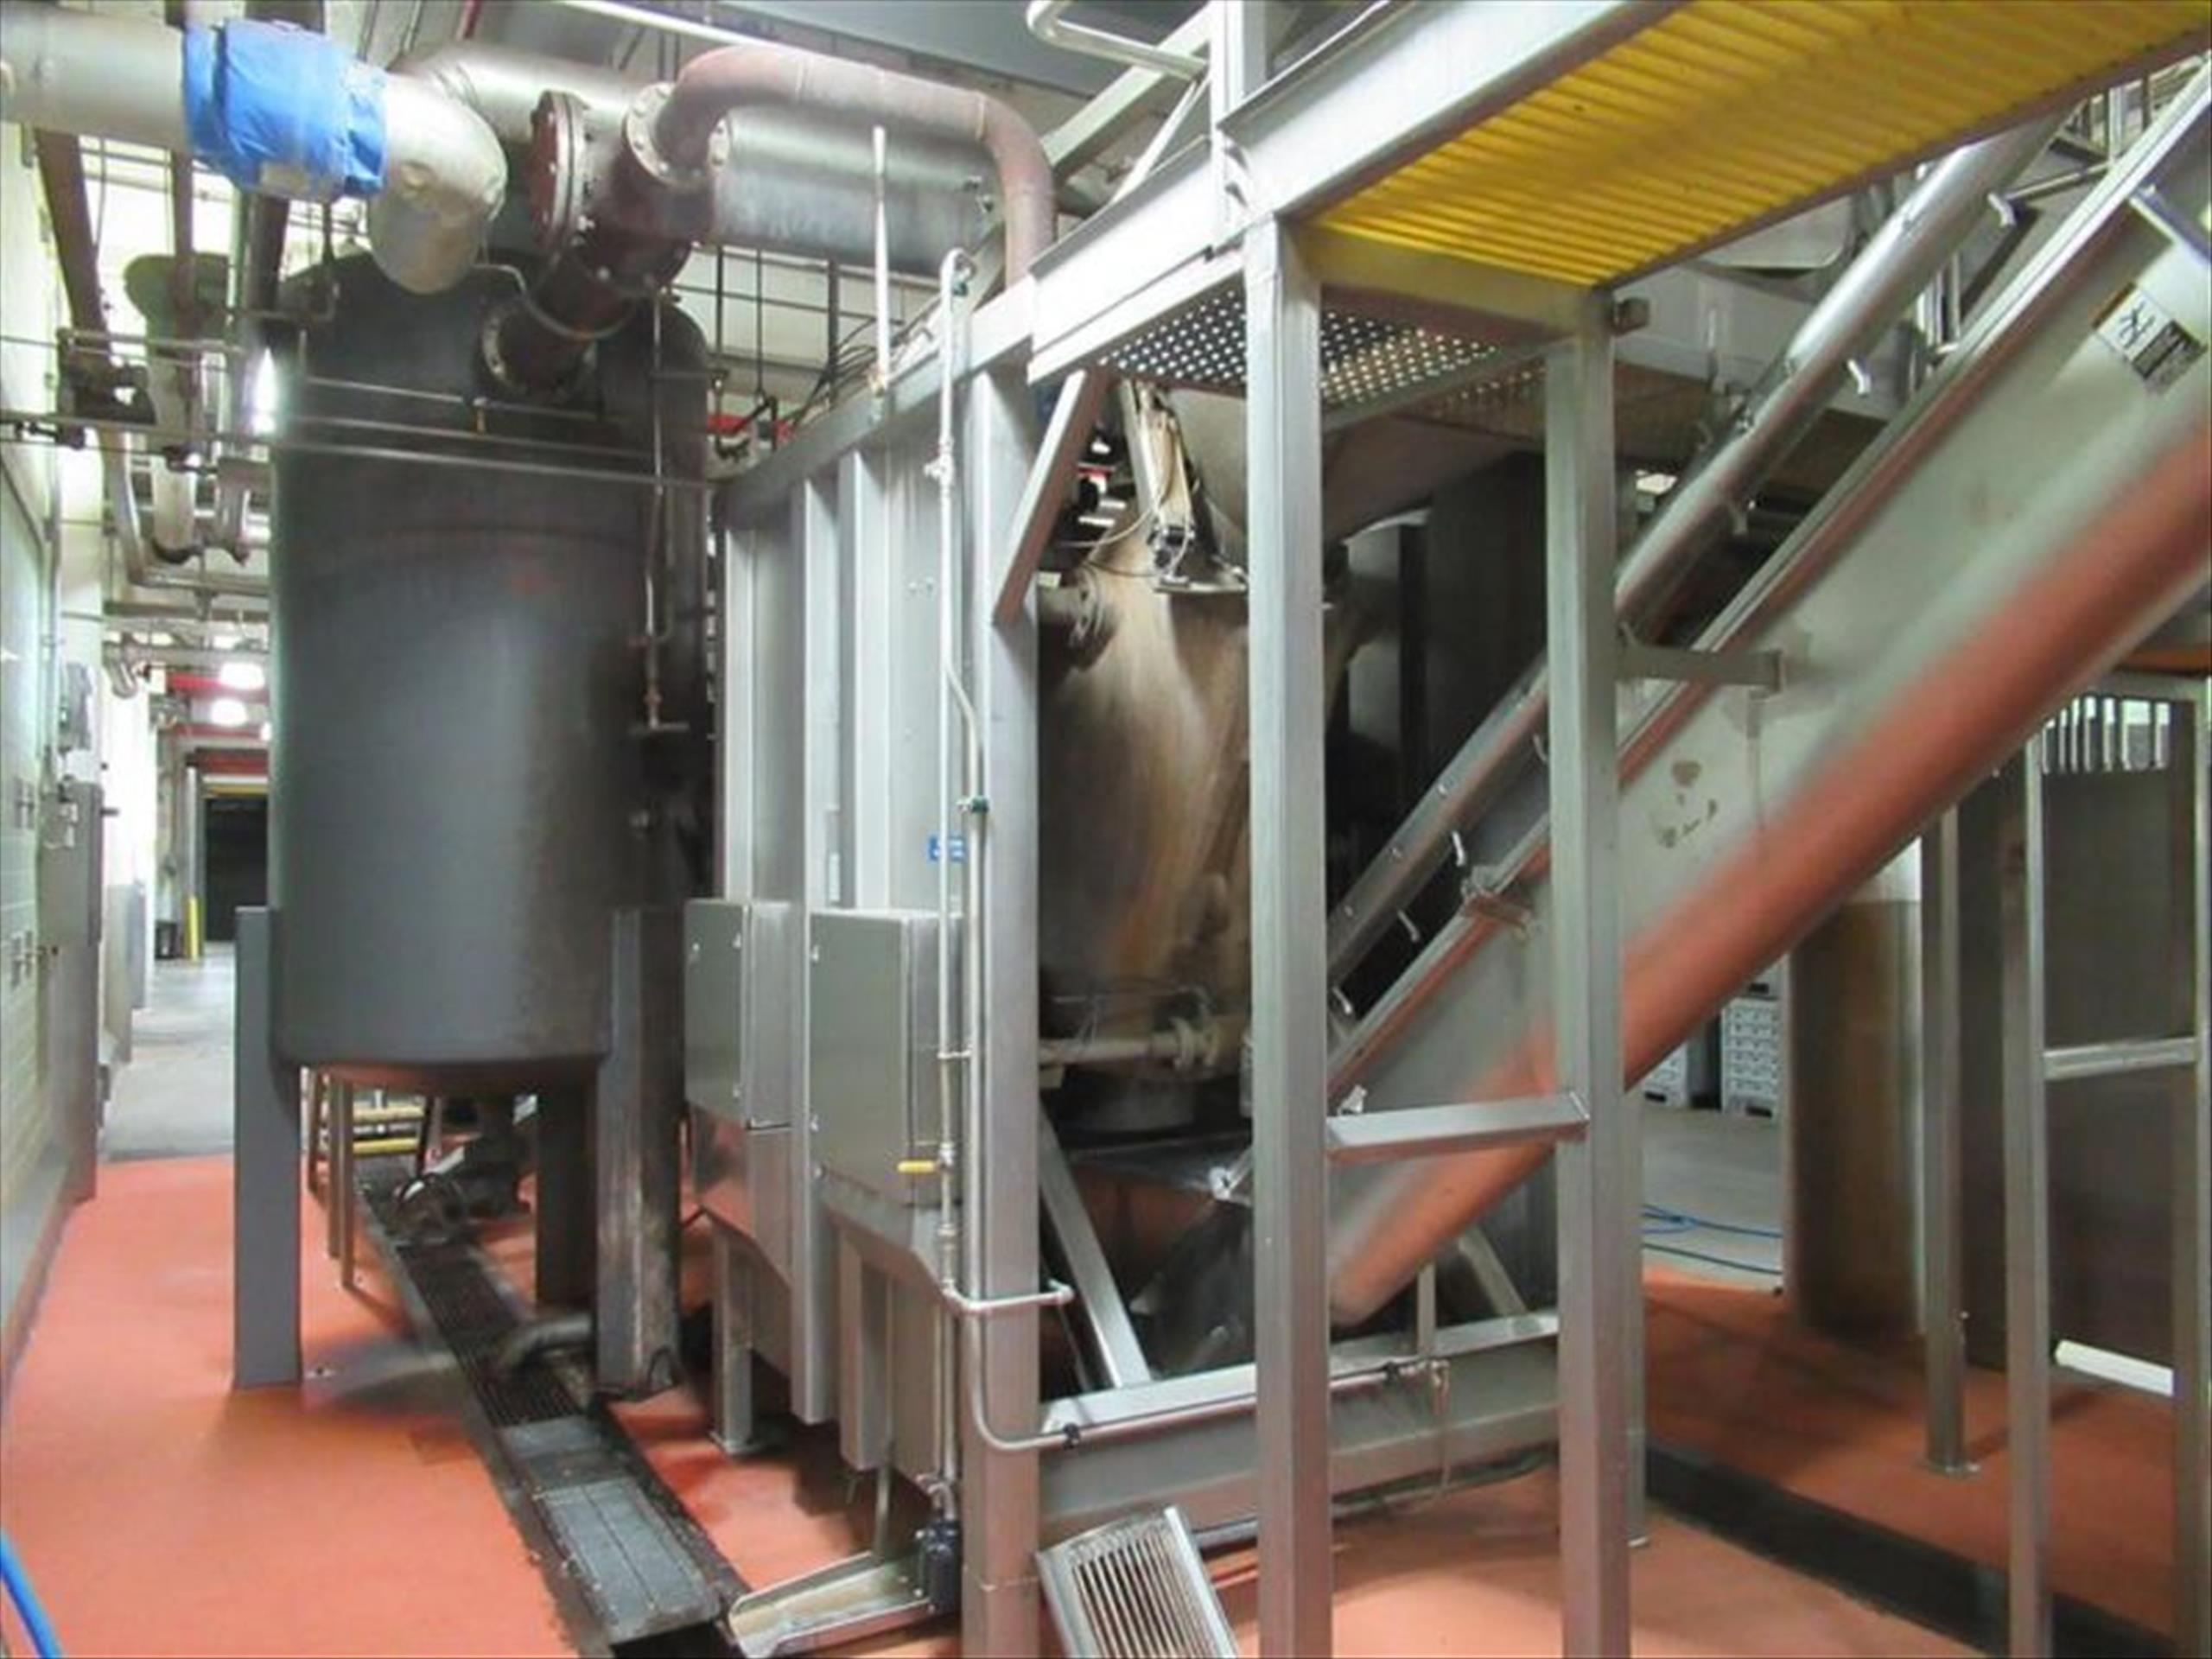 GMF Gouda steam peeler mod. no. Sepa-Strator SRS 500E ser. no. SRS 500-090 complete with rotary - Image 2 of 6